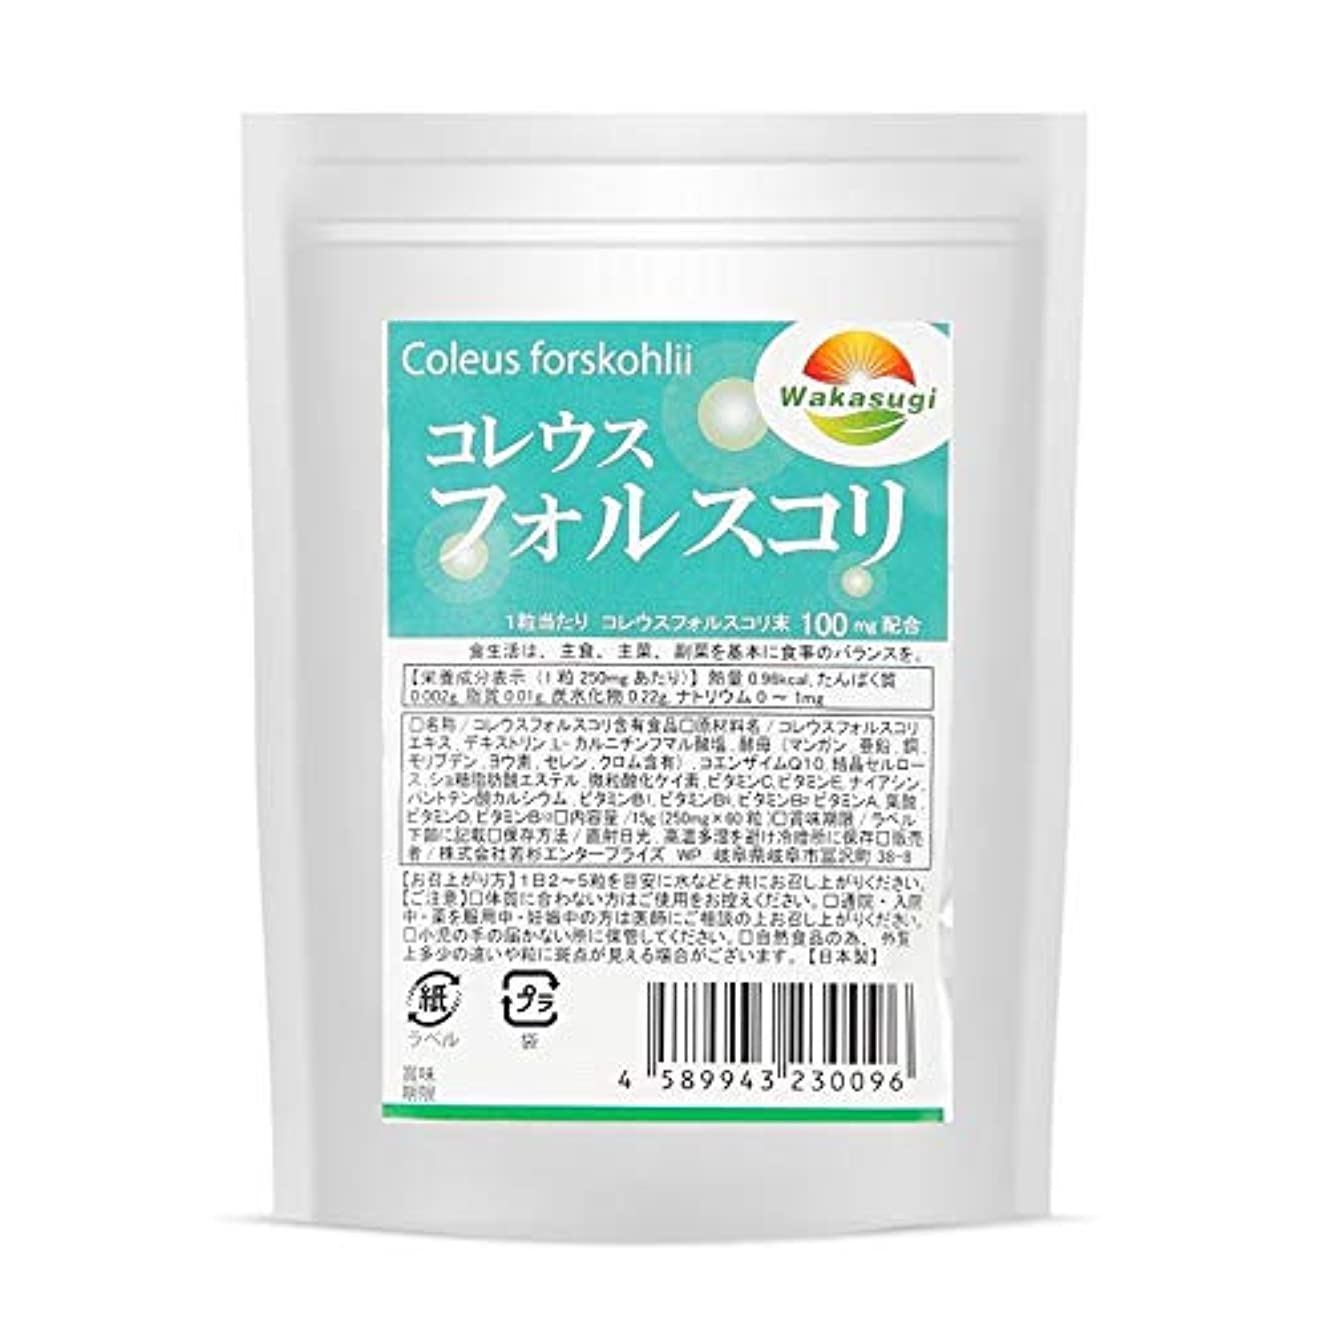 化学薬品ラッシュ規制するコレウスフォルスコリ 60粒 50袋セット 合計3,000粒